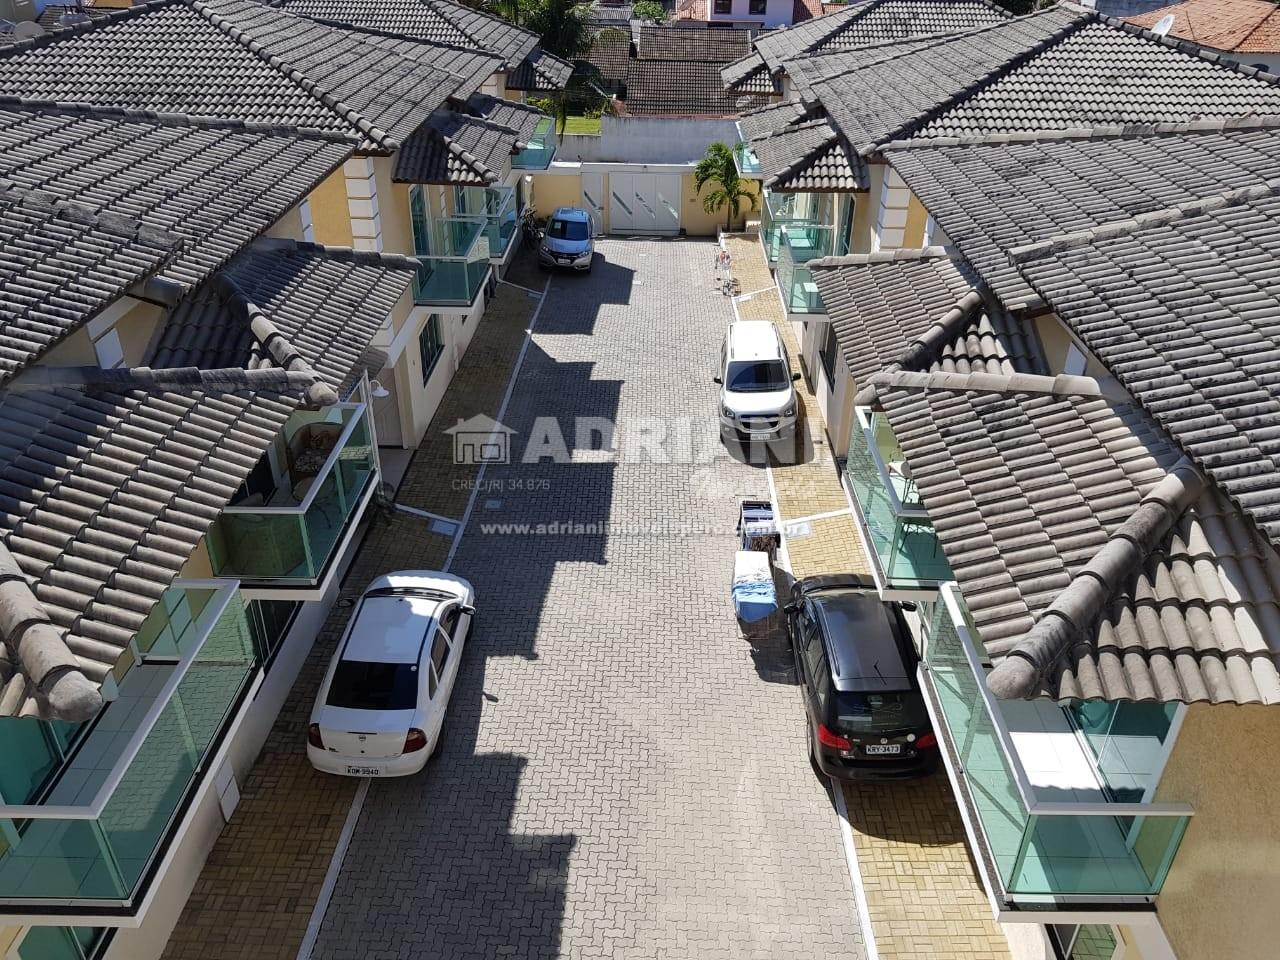 Cód 215 Casa com 4 quartos, aluguel temporada, Peró, Cabo Frio – RJ